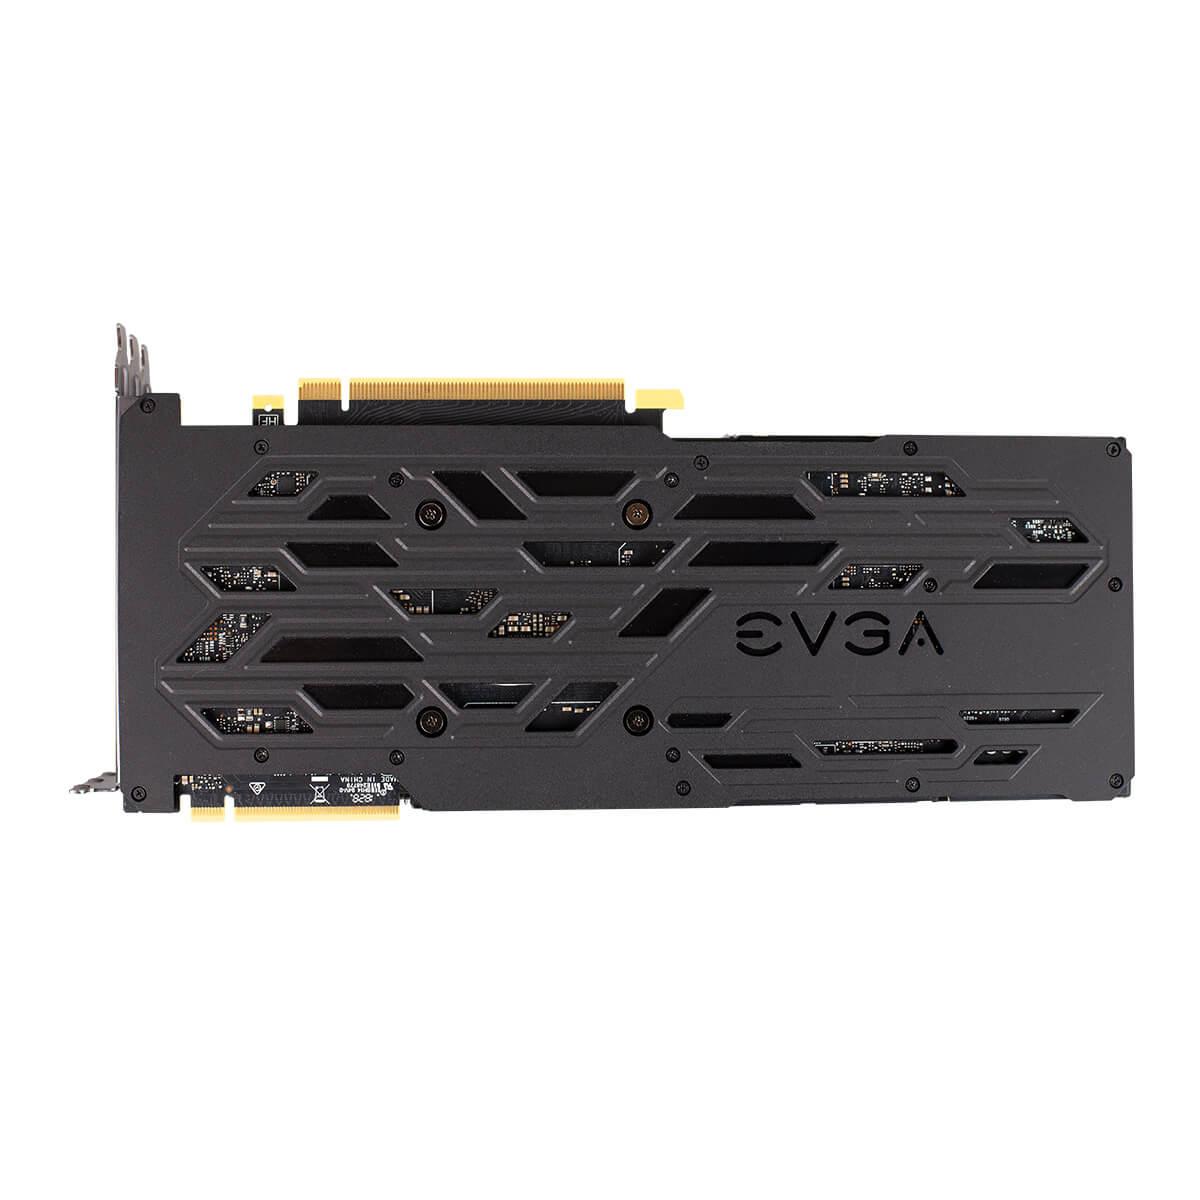 EVGA GeForce RTX 2080 XC ULTRA GAMING 8GB GDDR6